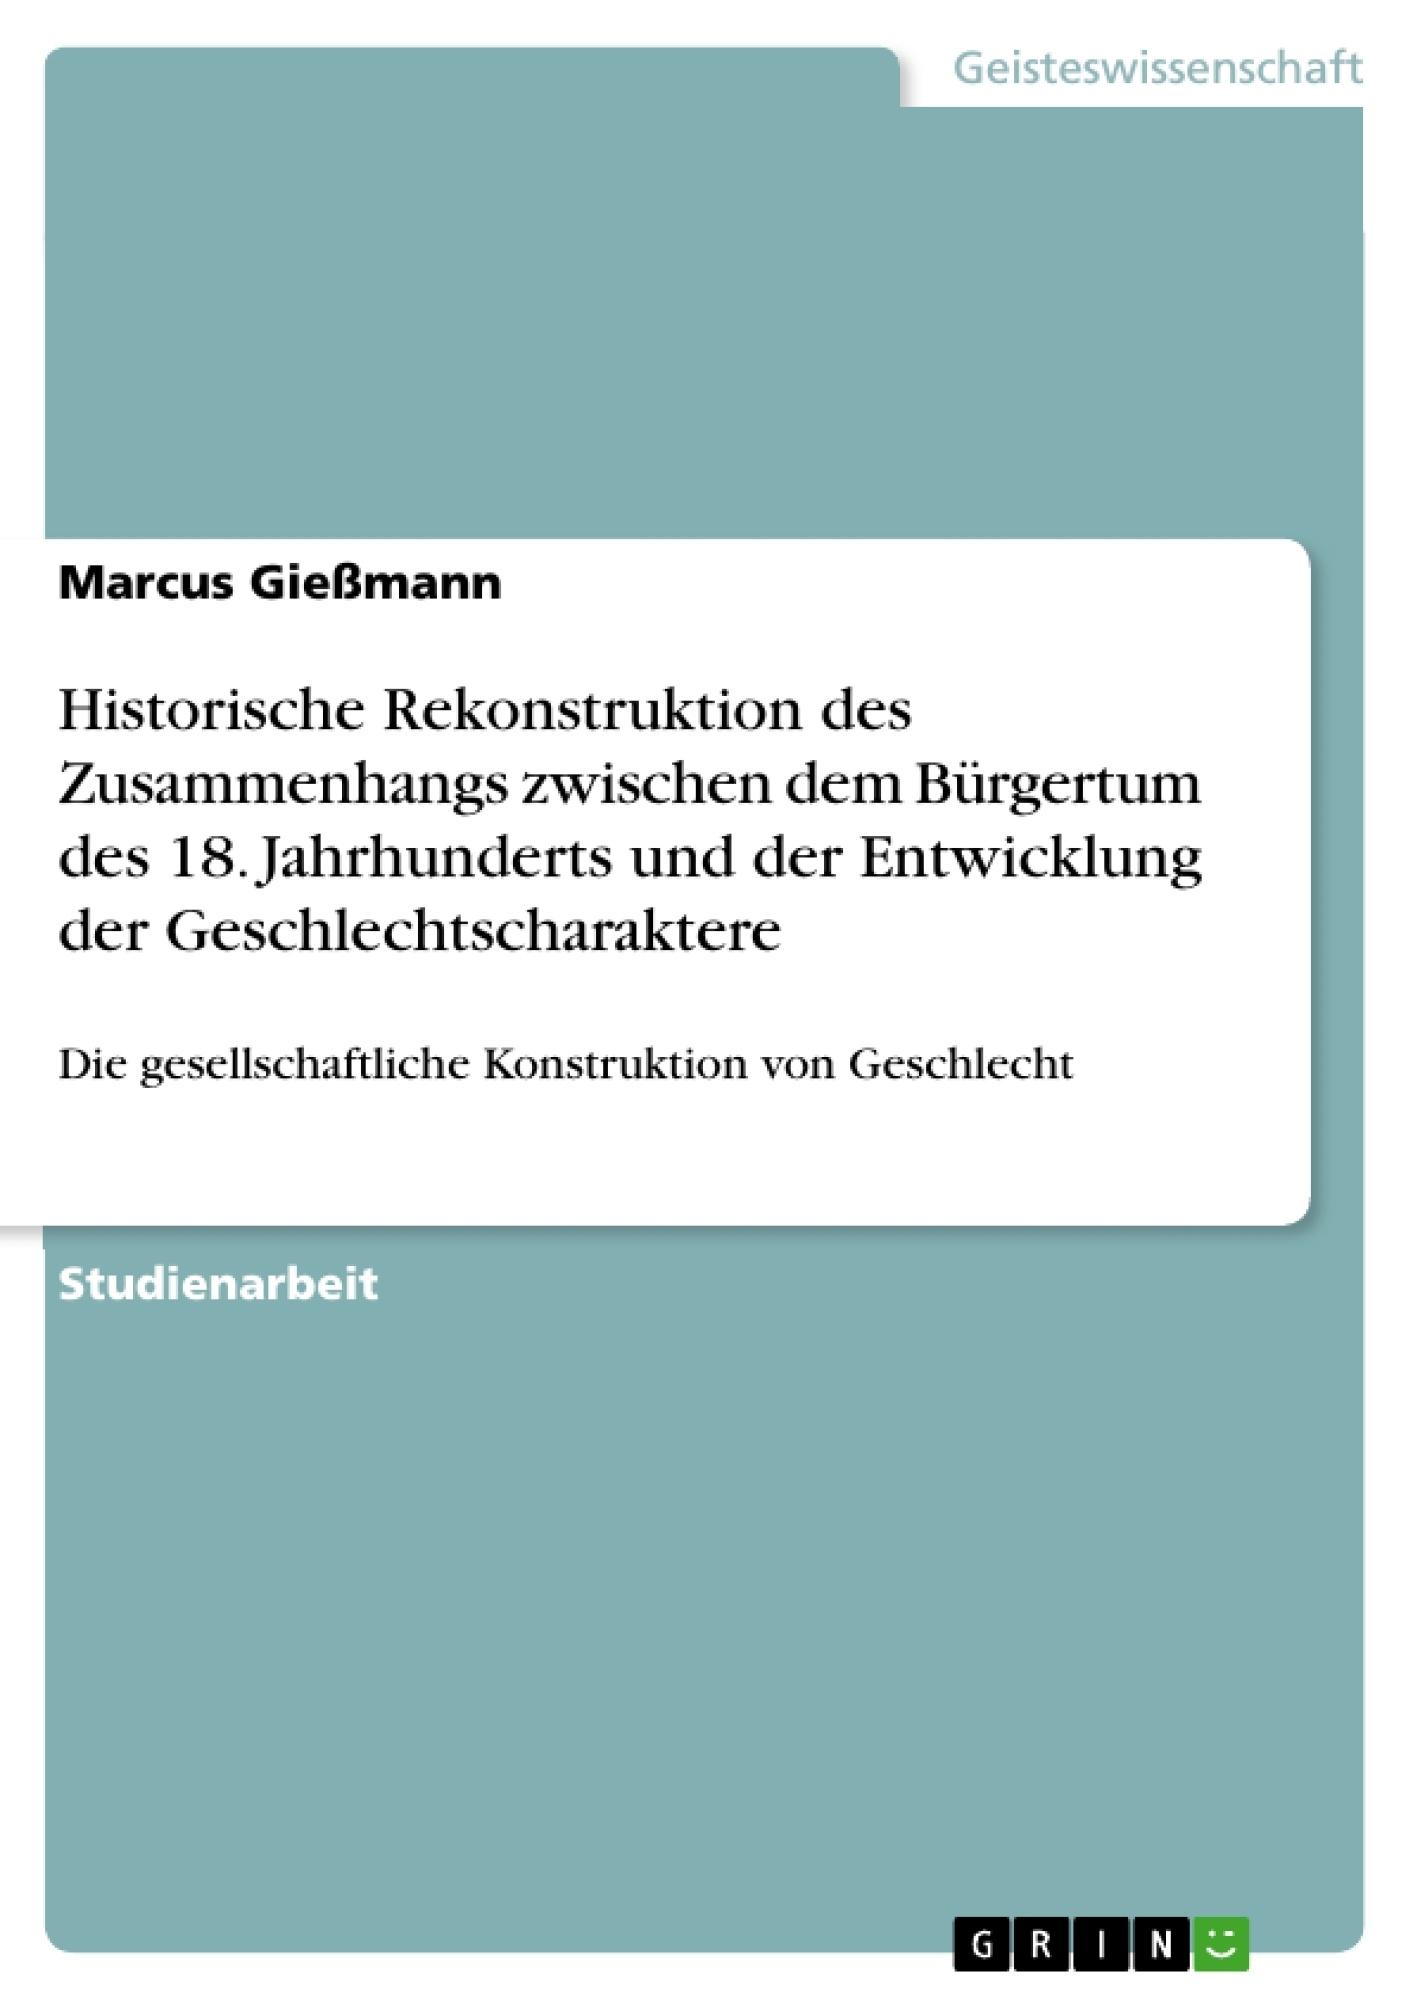 Titel: Historische Rekonstruktion des Zusammenhangs zwischen dem Bürgertum des 18. Jahrhunderts und der Entwicklung der Geschlechtscharaktere